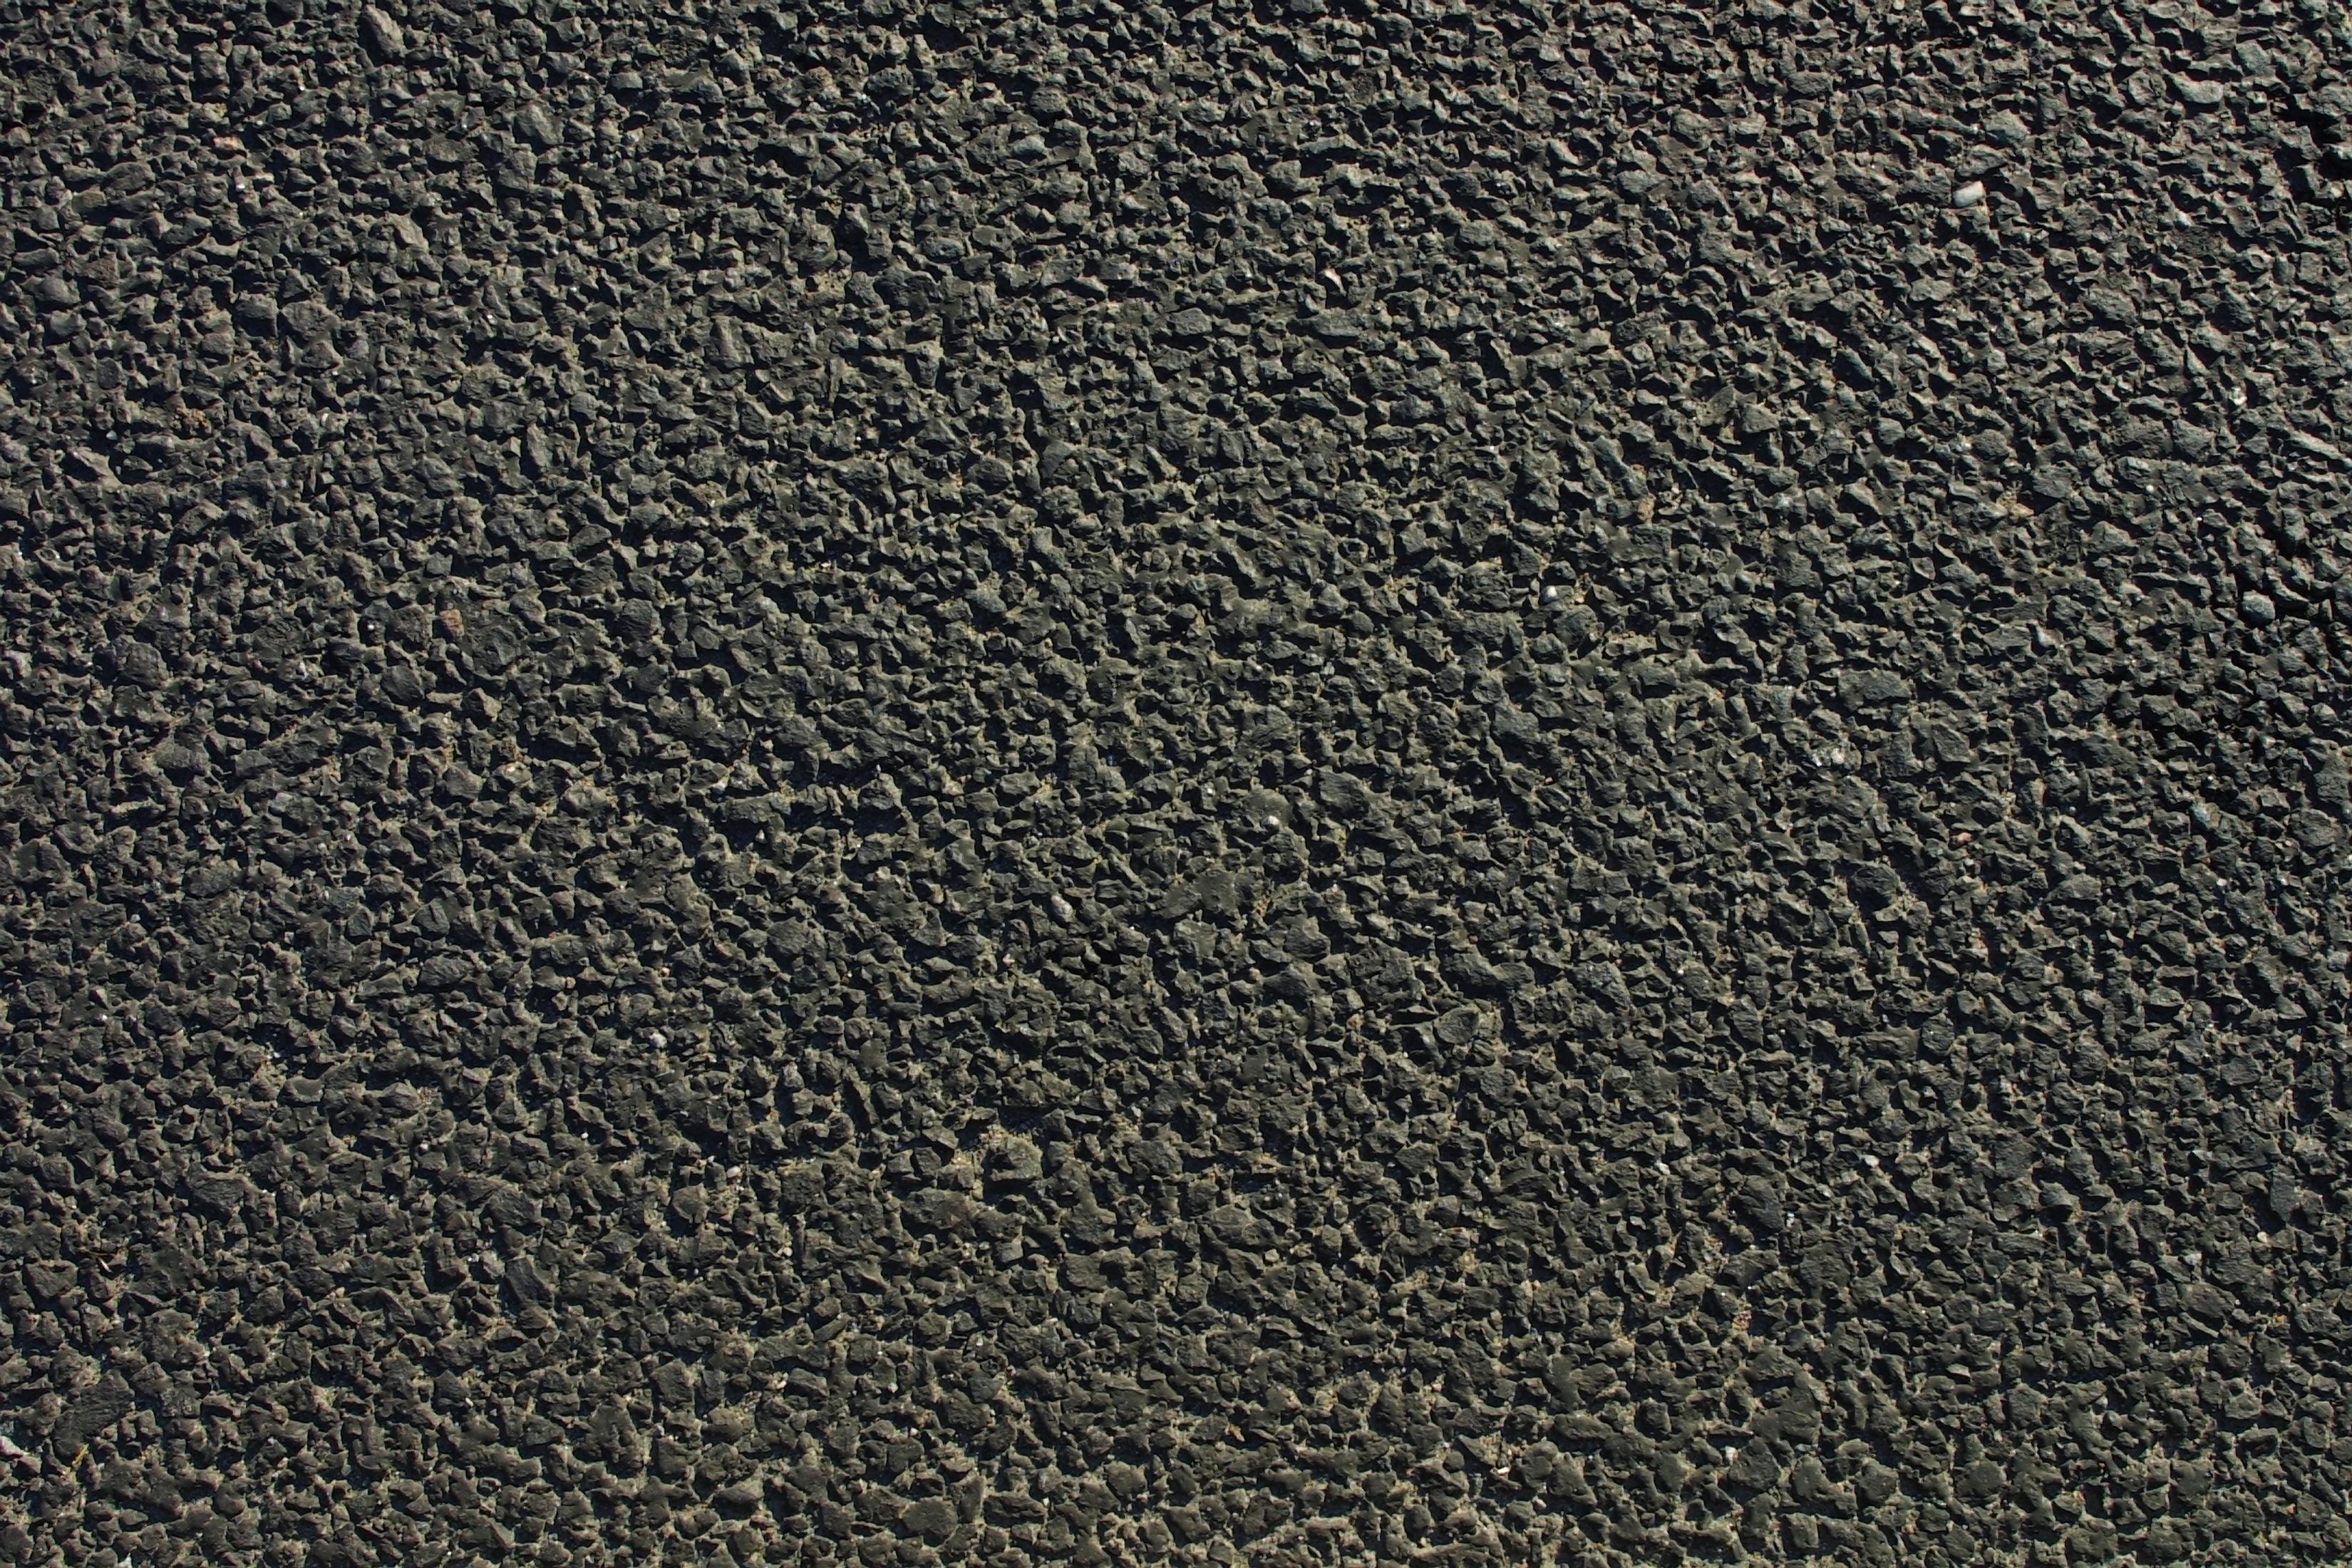 Como pulir el cemento imagen with como pulir el cemento - Granito sin pulir ...